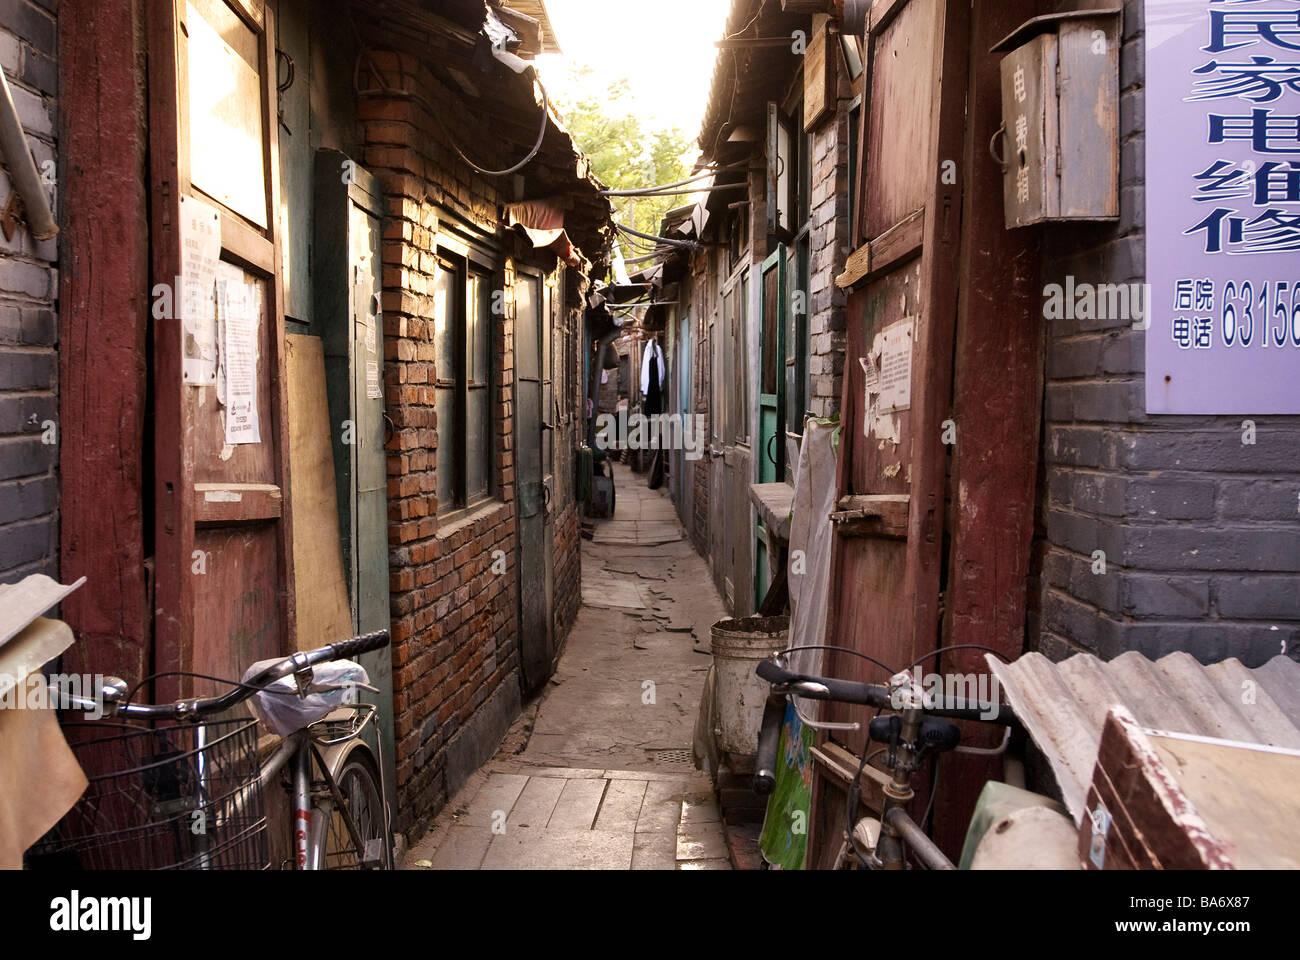 Cina, Pechino, la vita quotidiana in uno degli ultimi hutong Immagini Stock